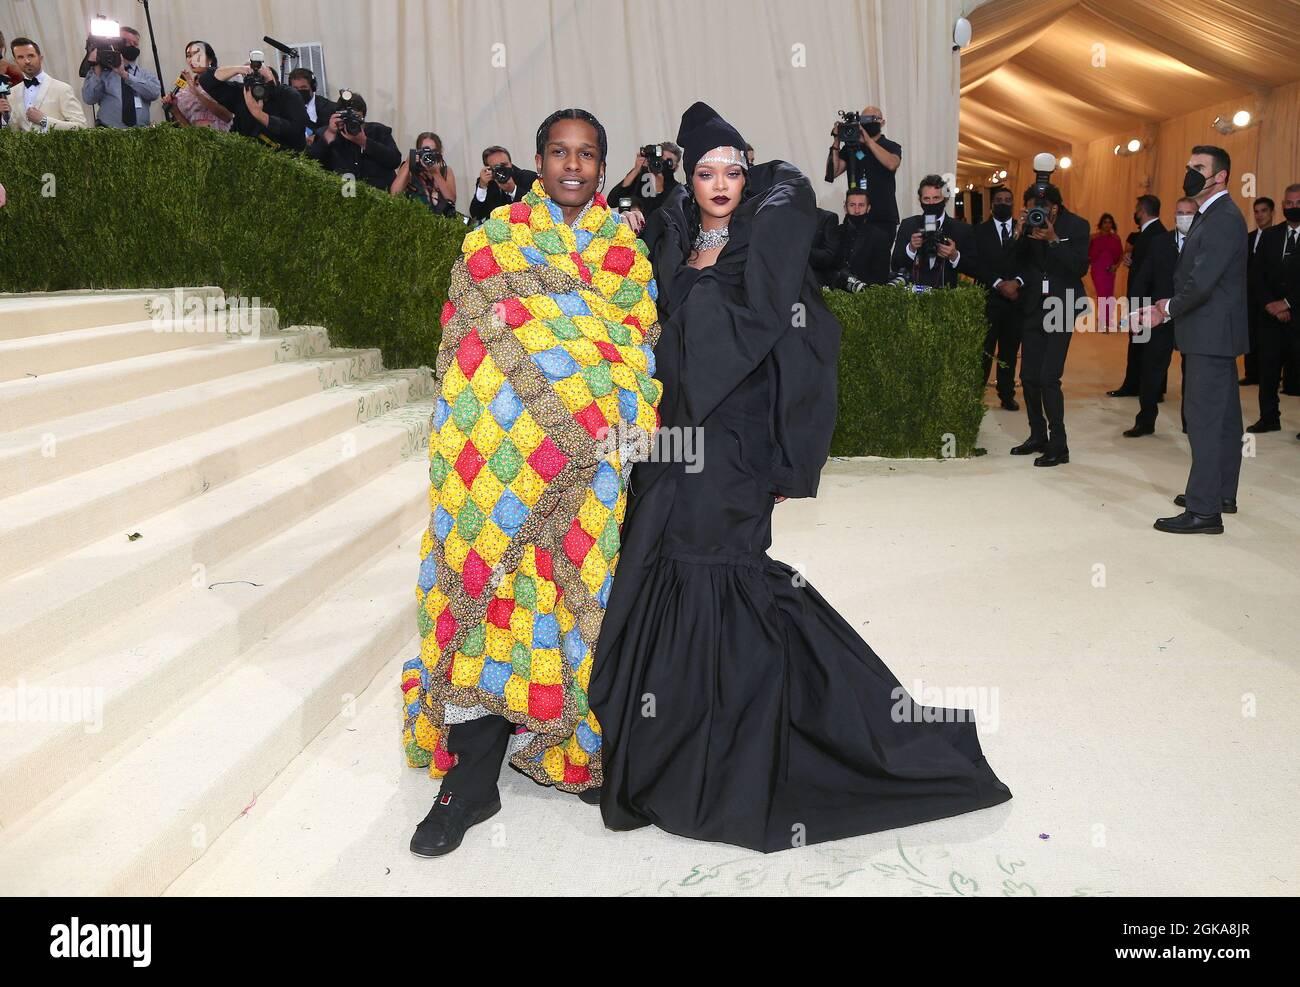 New York, États-Unis. 13 septembre 2021. Rihanna et ASAP Rocky participant au Metropolitan Museum of Art Costume Institute Gala bénéfice 2021 à New York City, NY, États-Unis, le 13 septembre 2021. Photo de Charles Guerin/ABACAPRESS.COM crédit: Abaca Press/Alay Live News Banque D'Images